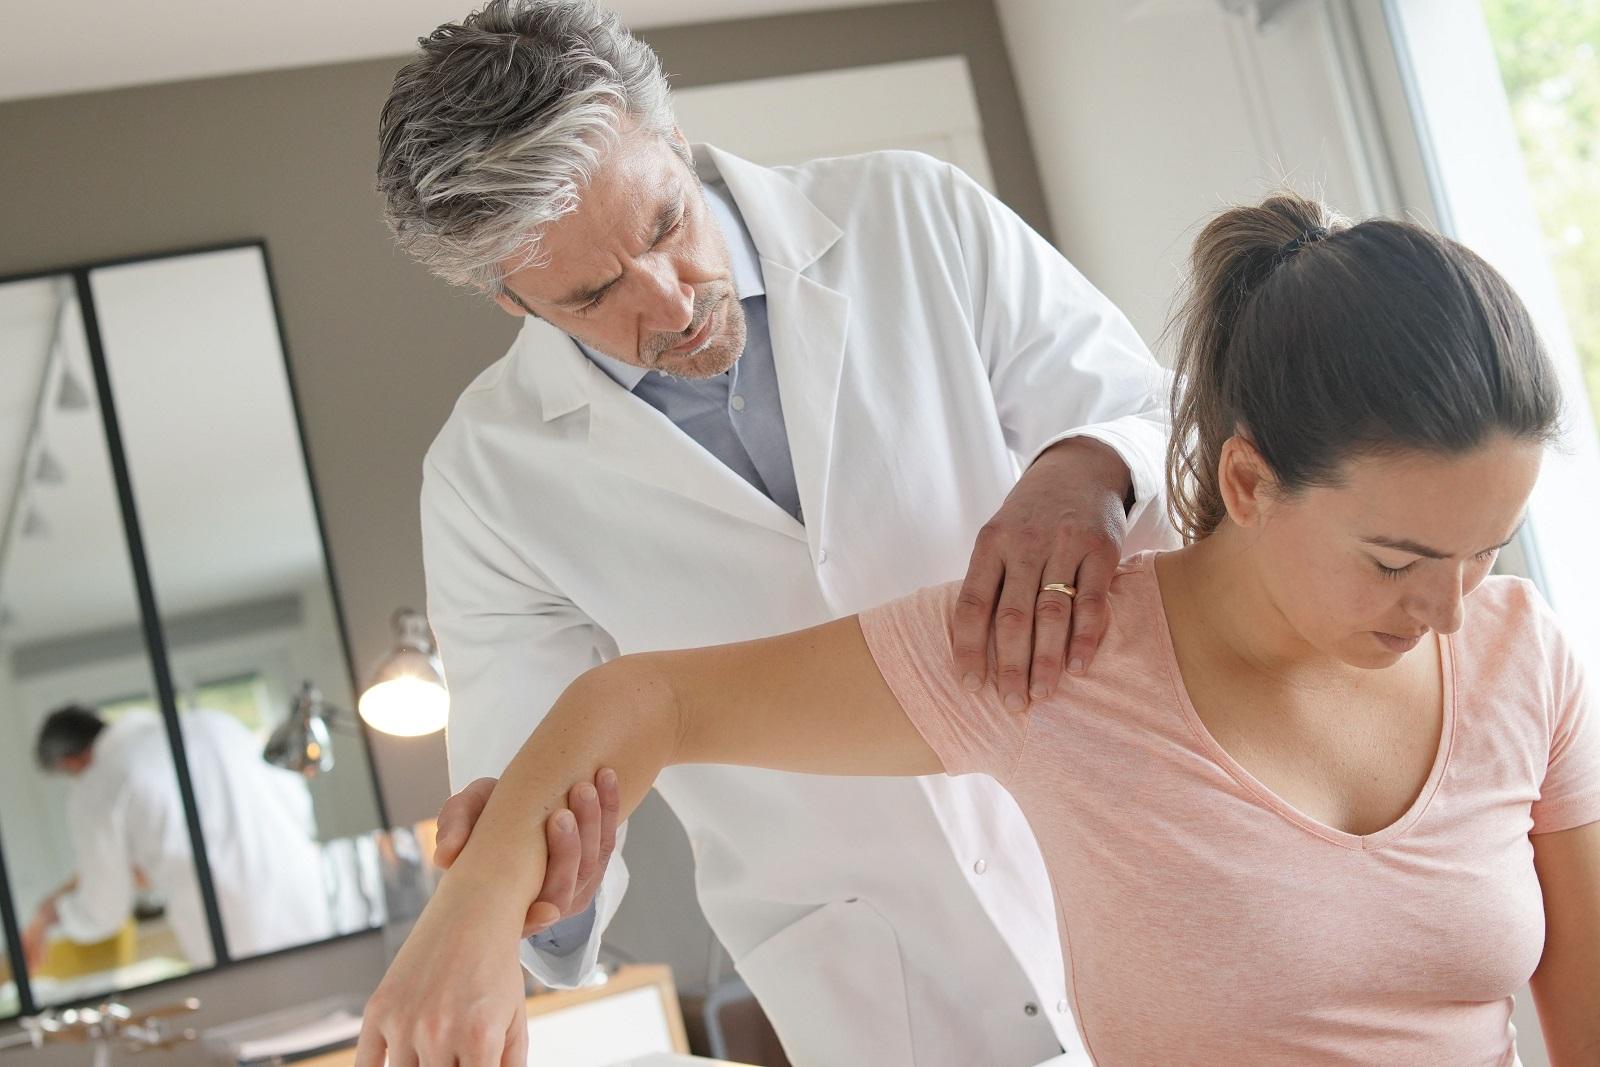 esercizi riabilitazione spalla